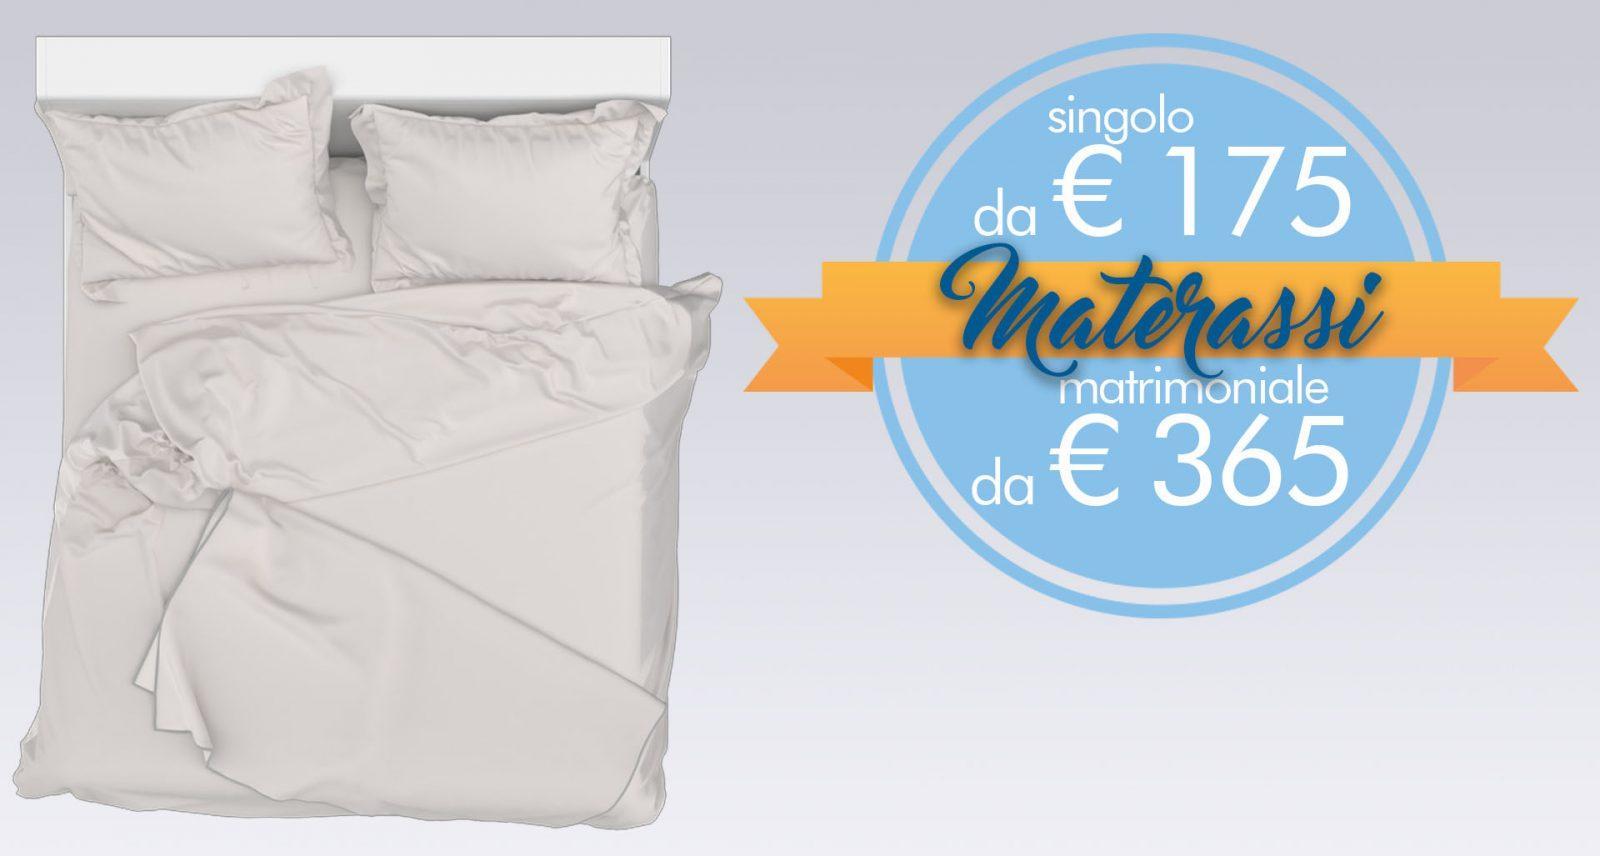 Materassi Varese produzione e vendita, Rivenditori Dorelan, Dorsal ...